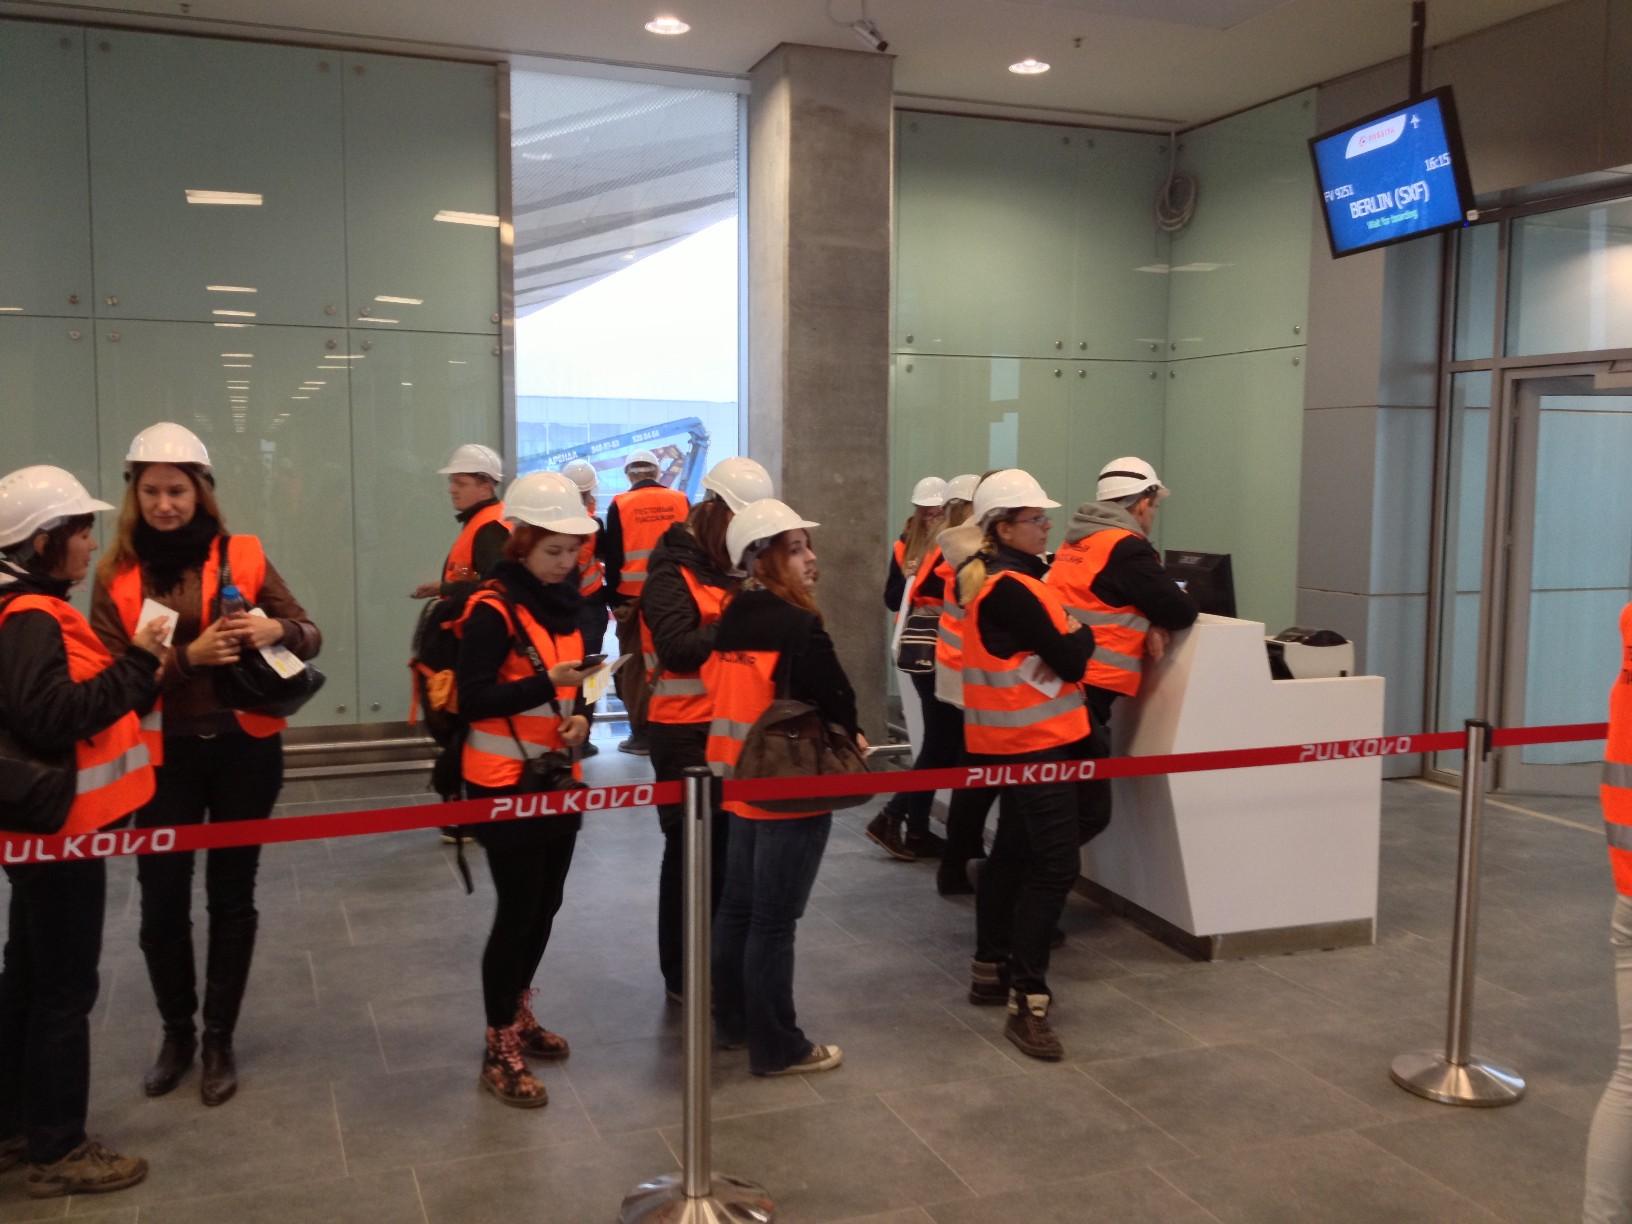 Ожидание у выхода на посадку нового терминала Пулково (Пулково 3)